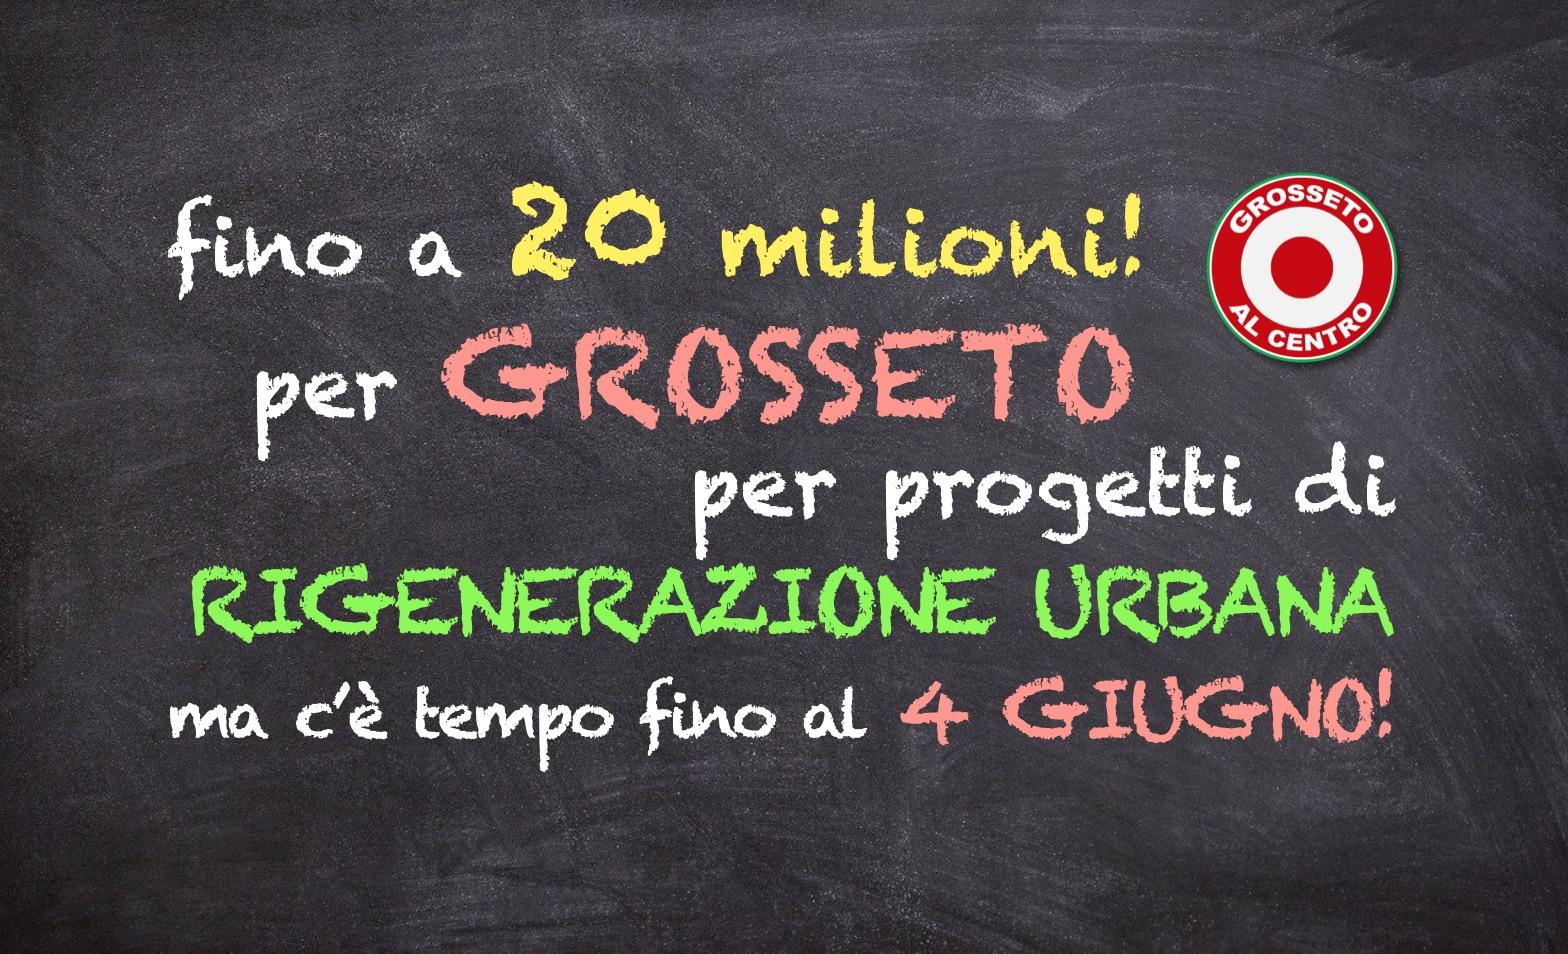 grosseto-al-centro-Rigenerazione_urbana_Grosseto